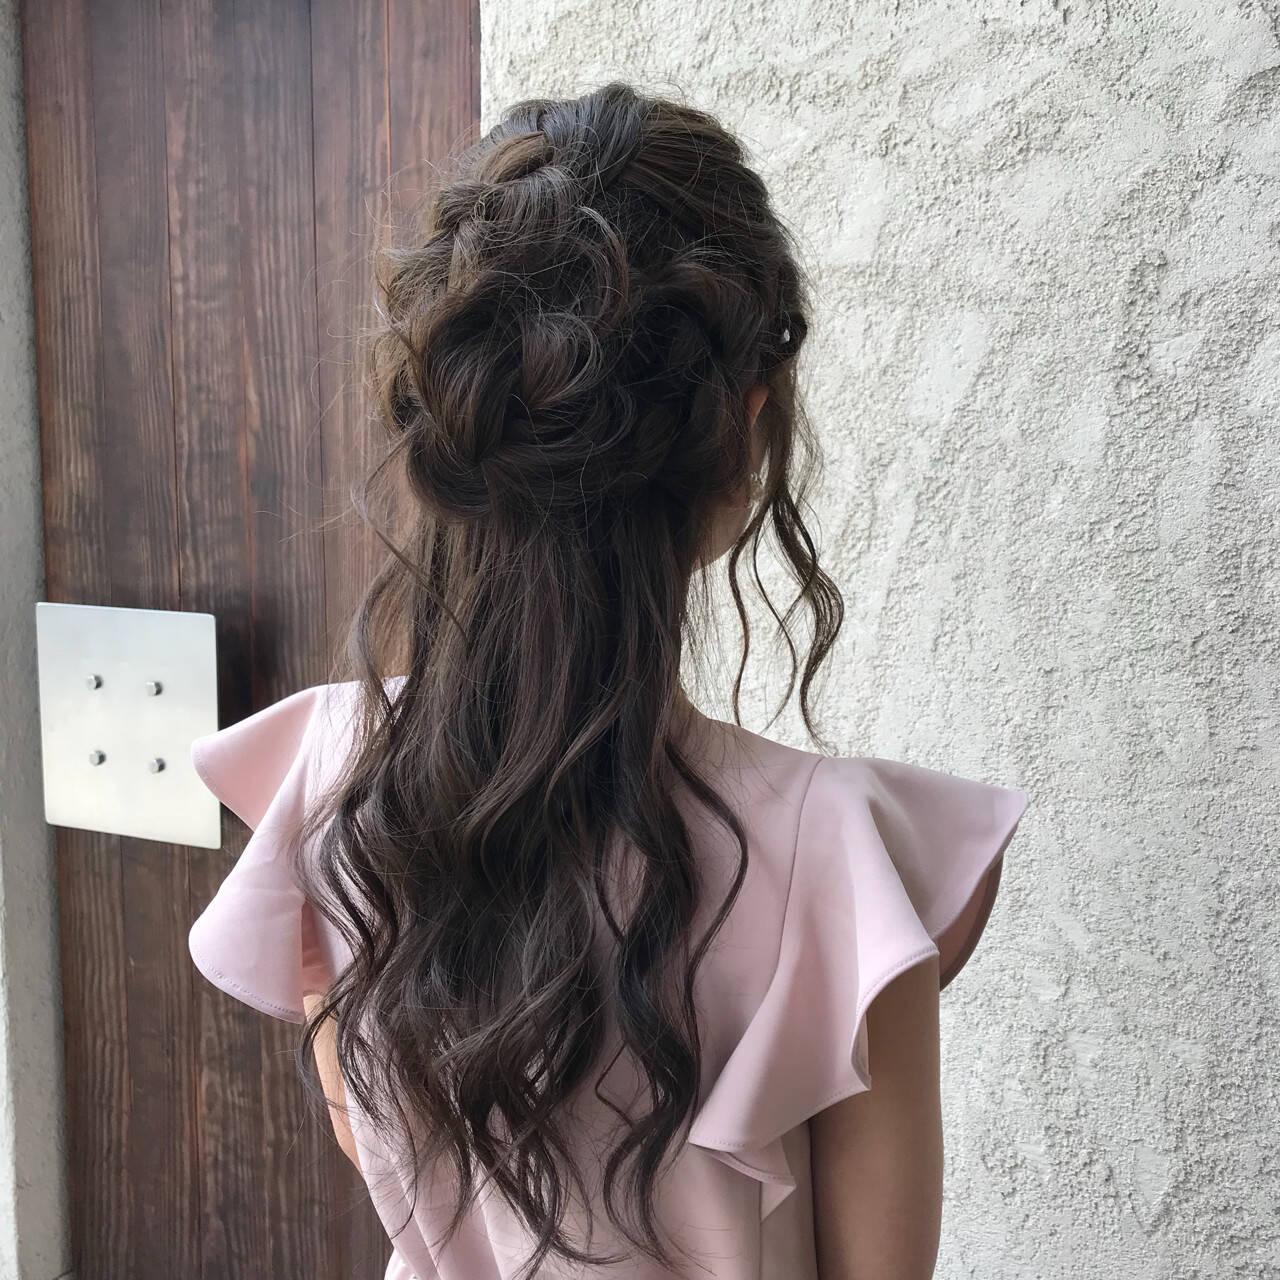 パーティ ロング デート ヘアアレンジヘアスタイルや髪型の写真・画像